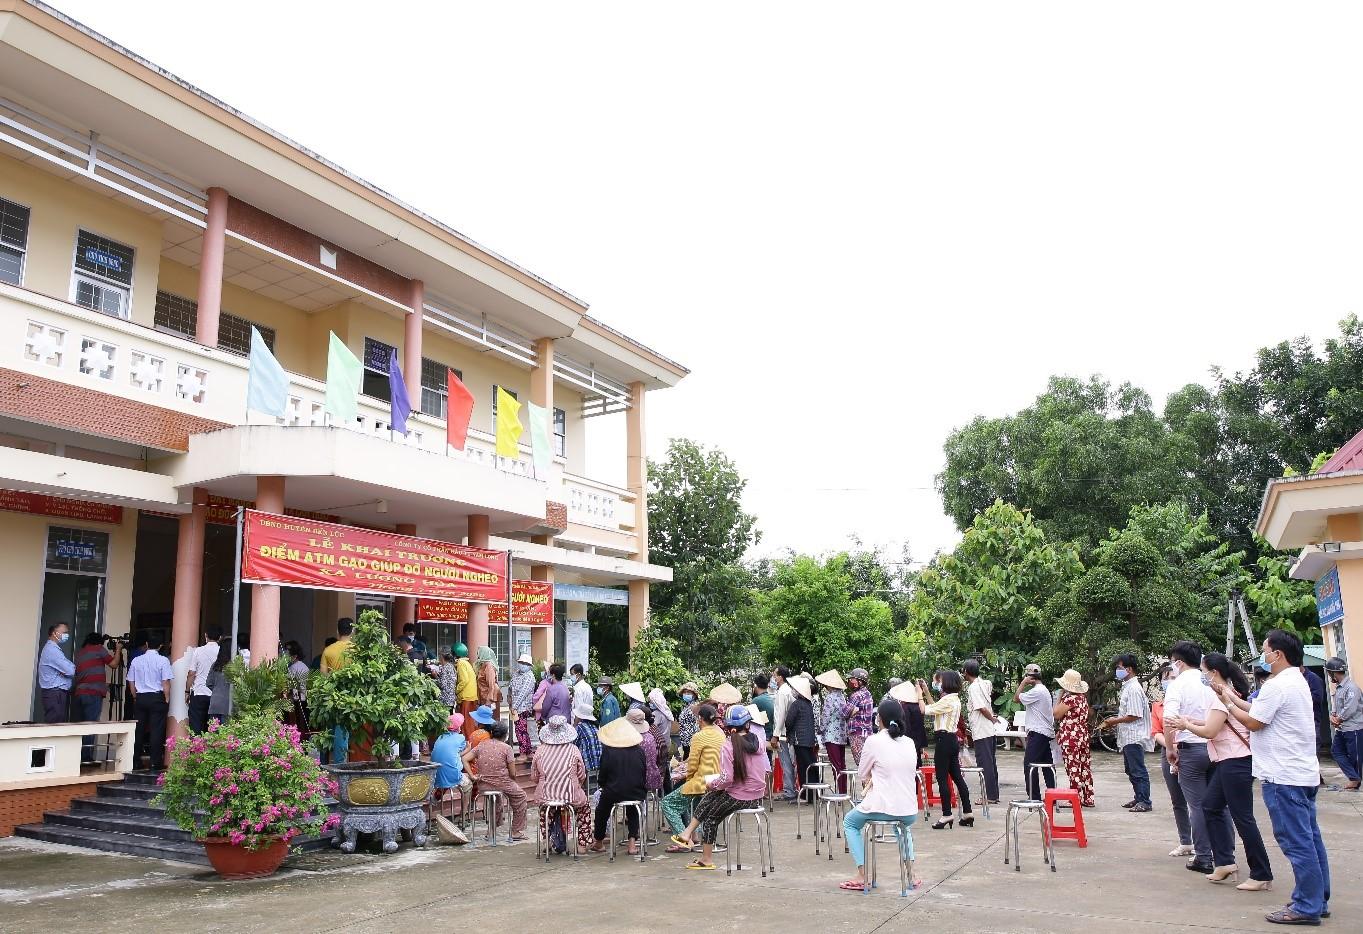 Tập đoàn Nam Long hỗ trợ hệ thống ATM gạo tại tỉnh Long An, tiếp sức cộng đồng cùng vượt khó 8